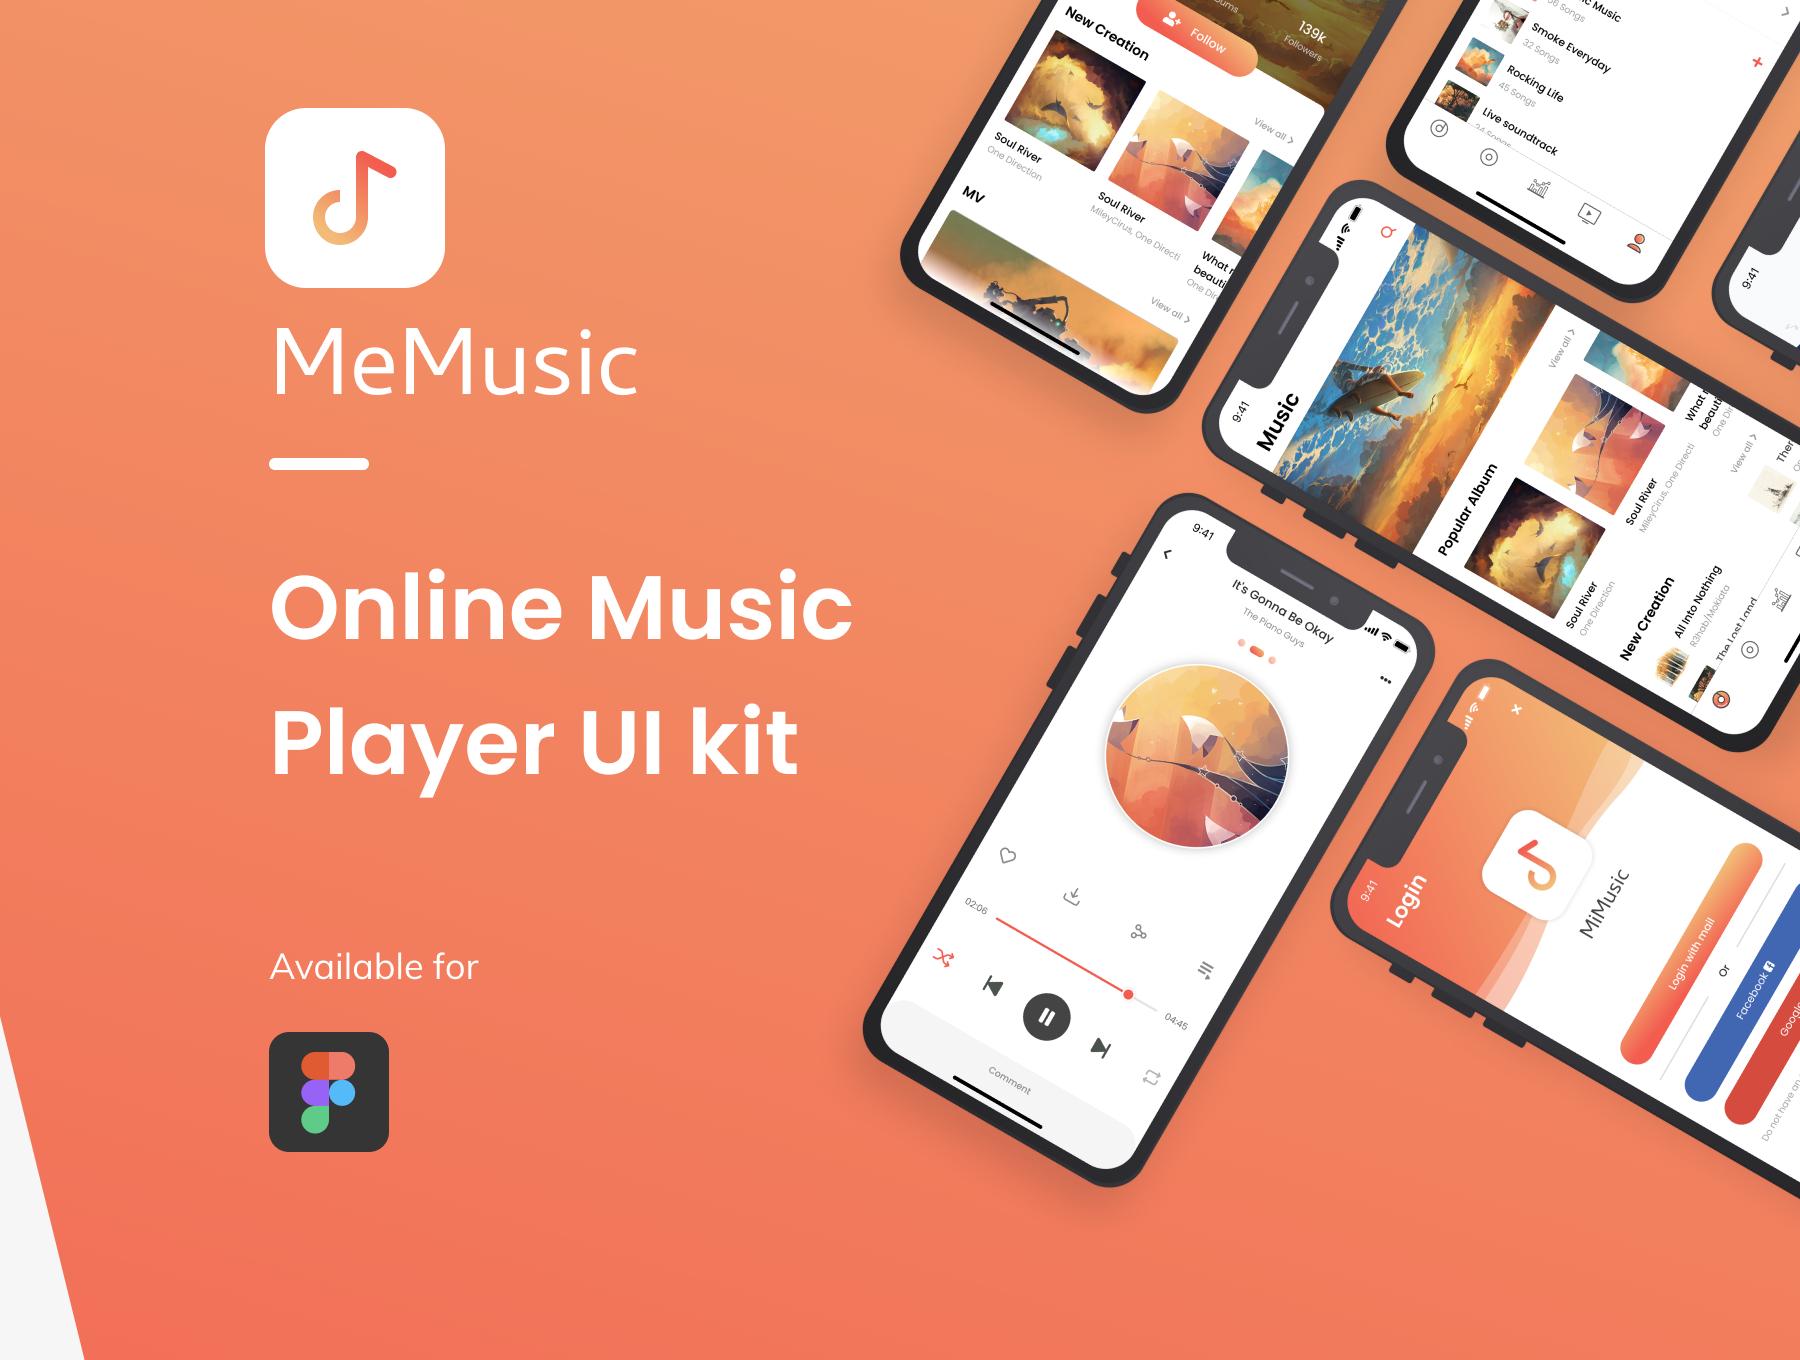 在线音乐播放器音乐媒体app设计iOS Ui套装下载[XD] MeMusic Online Music Player Mobile App UI Kit